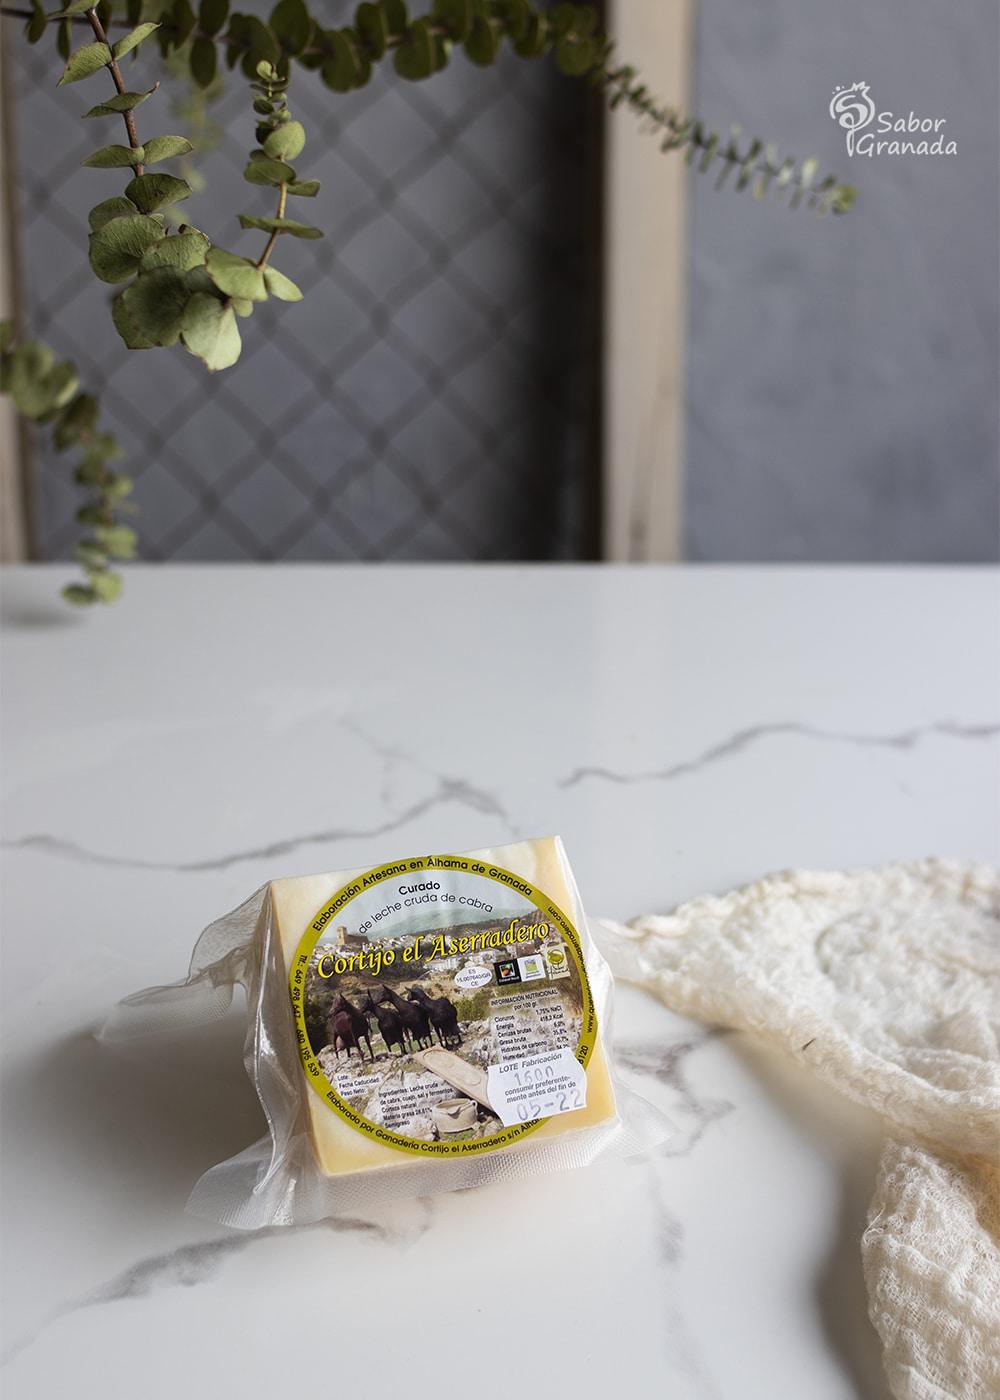 Queso de cabra curado Cortijo el Aserradero para hacer los espaguetis con langostinos y tomates secos - Sabor Granada